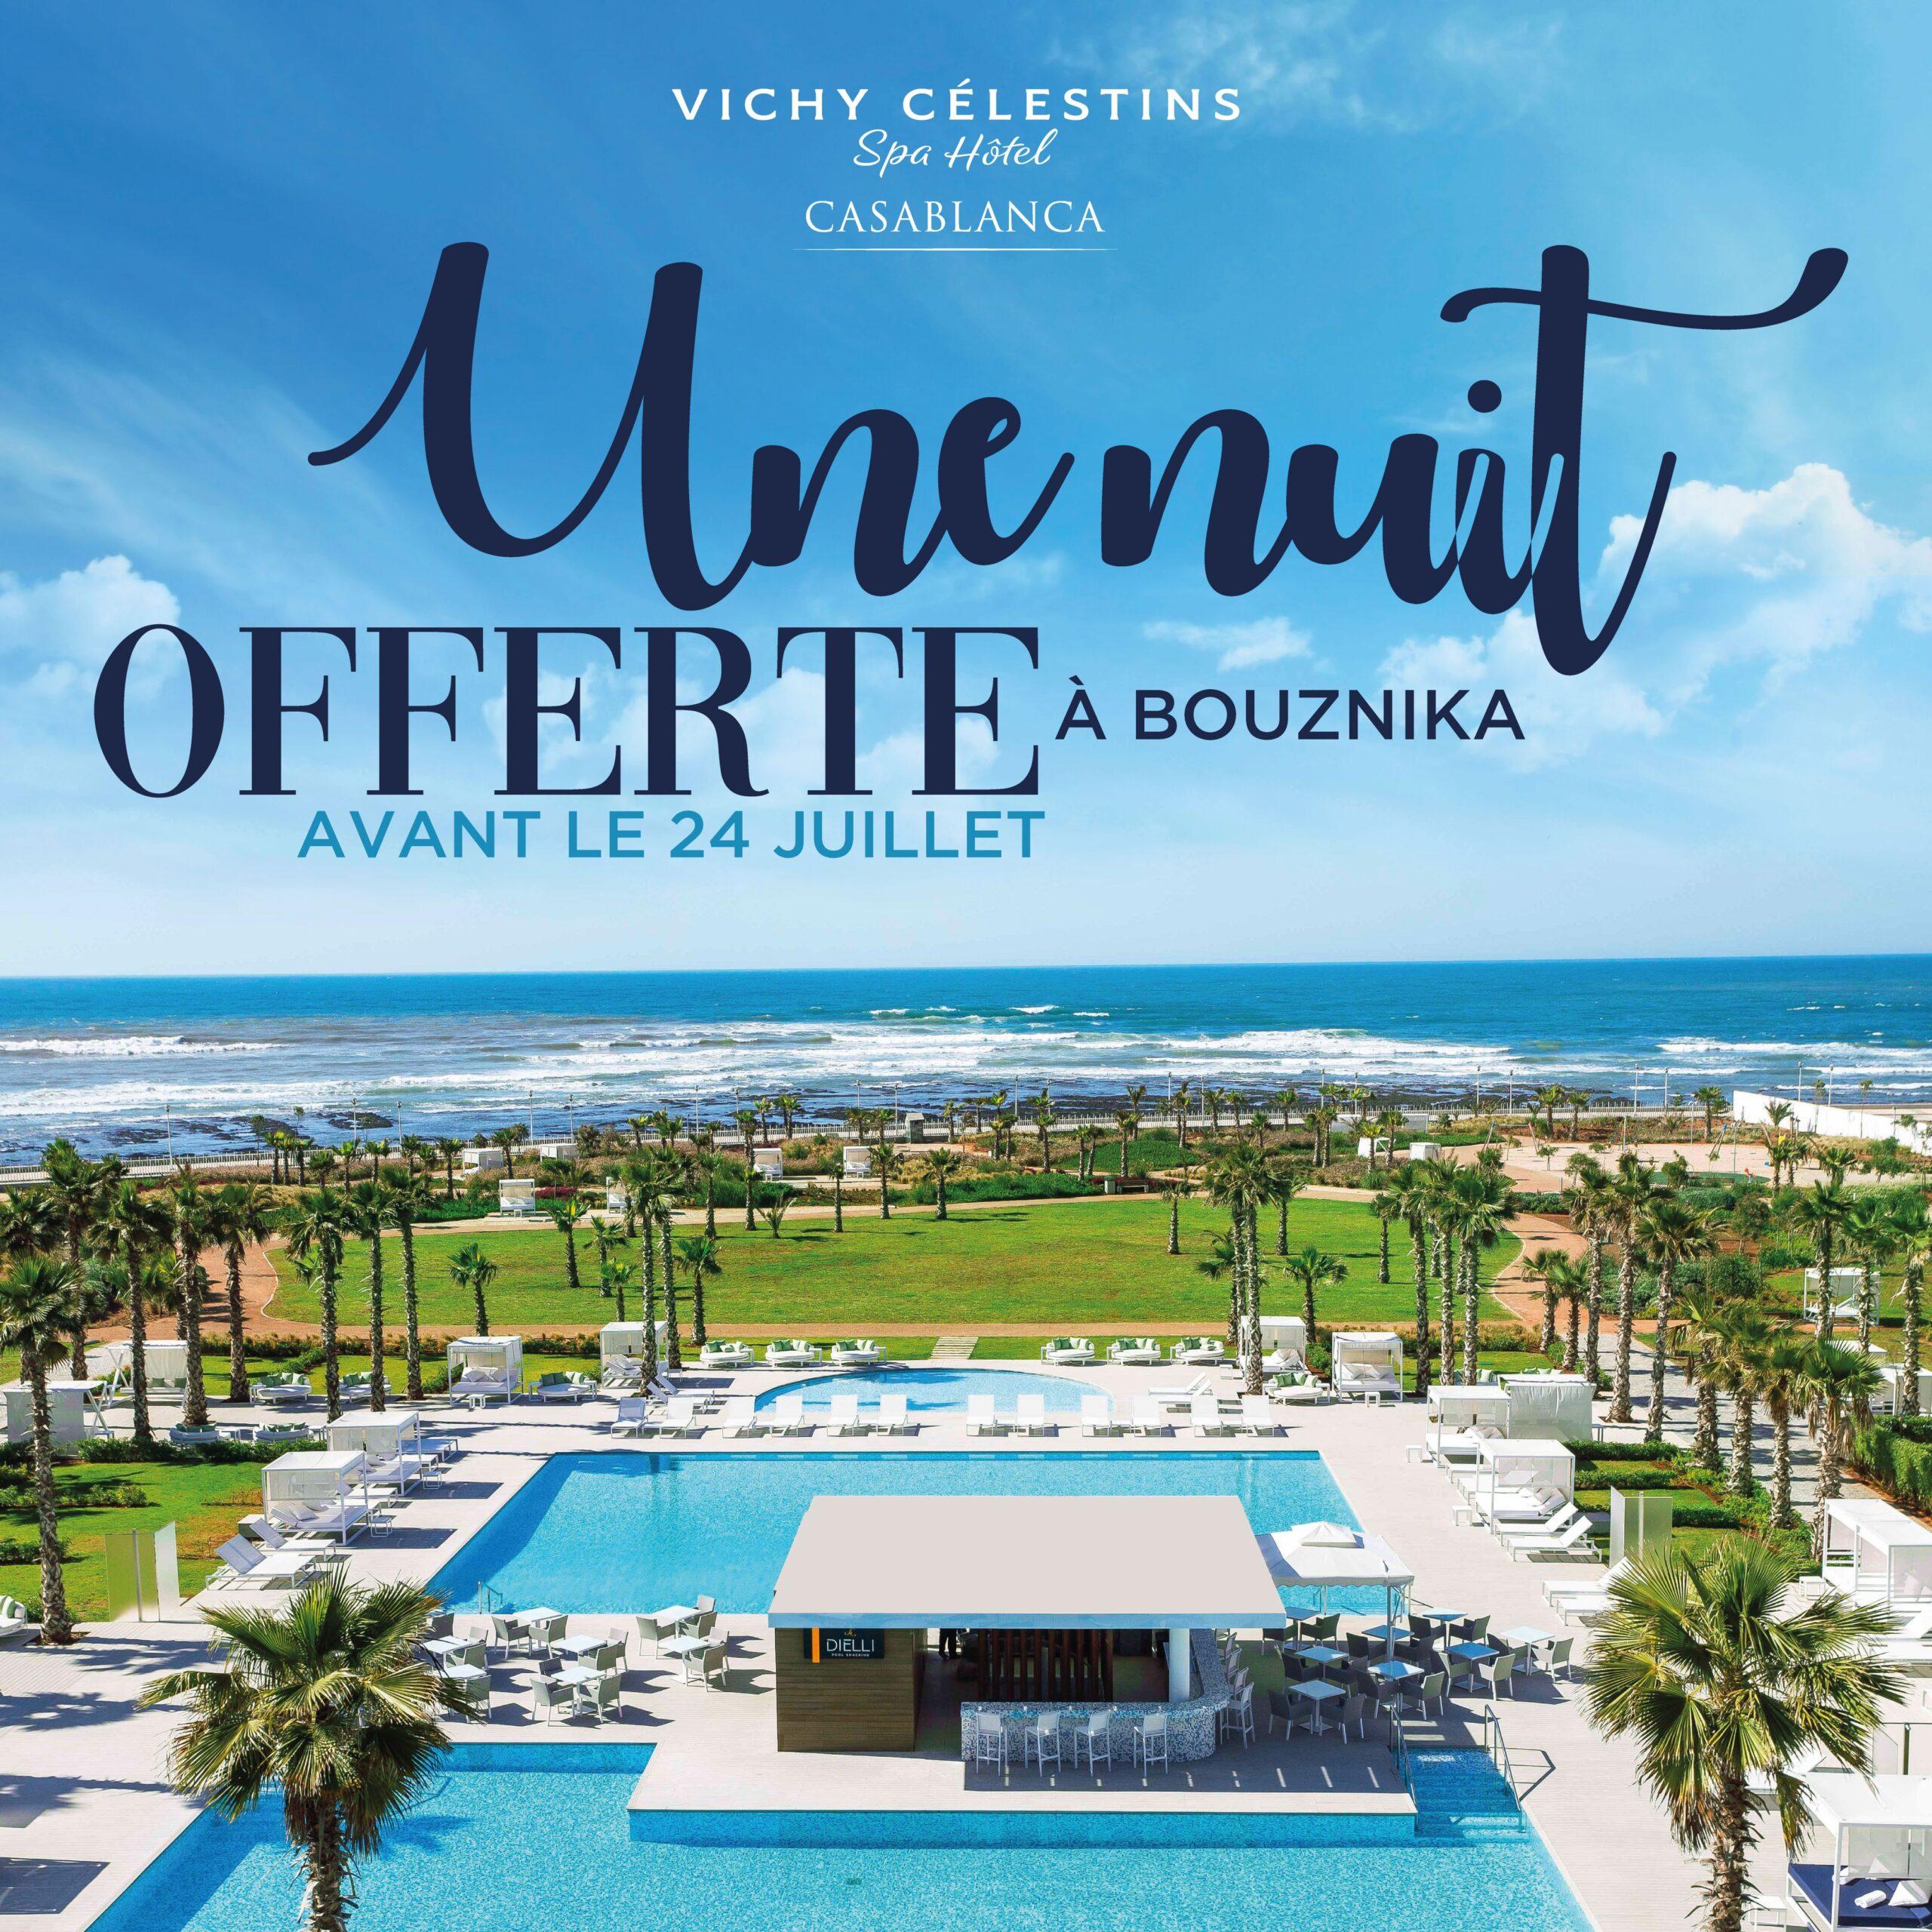 Vichy célestins – Campagne publicité nuit gratuite